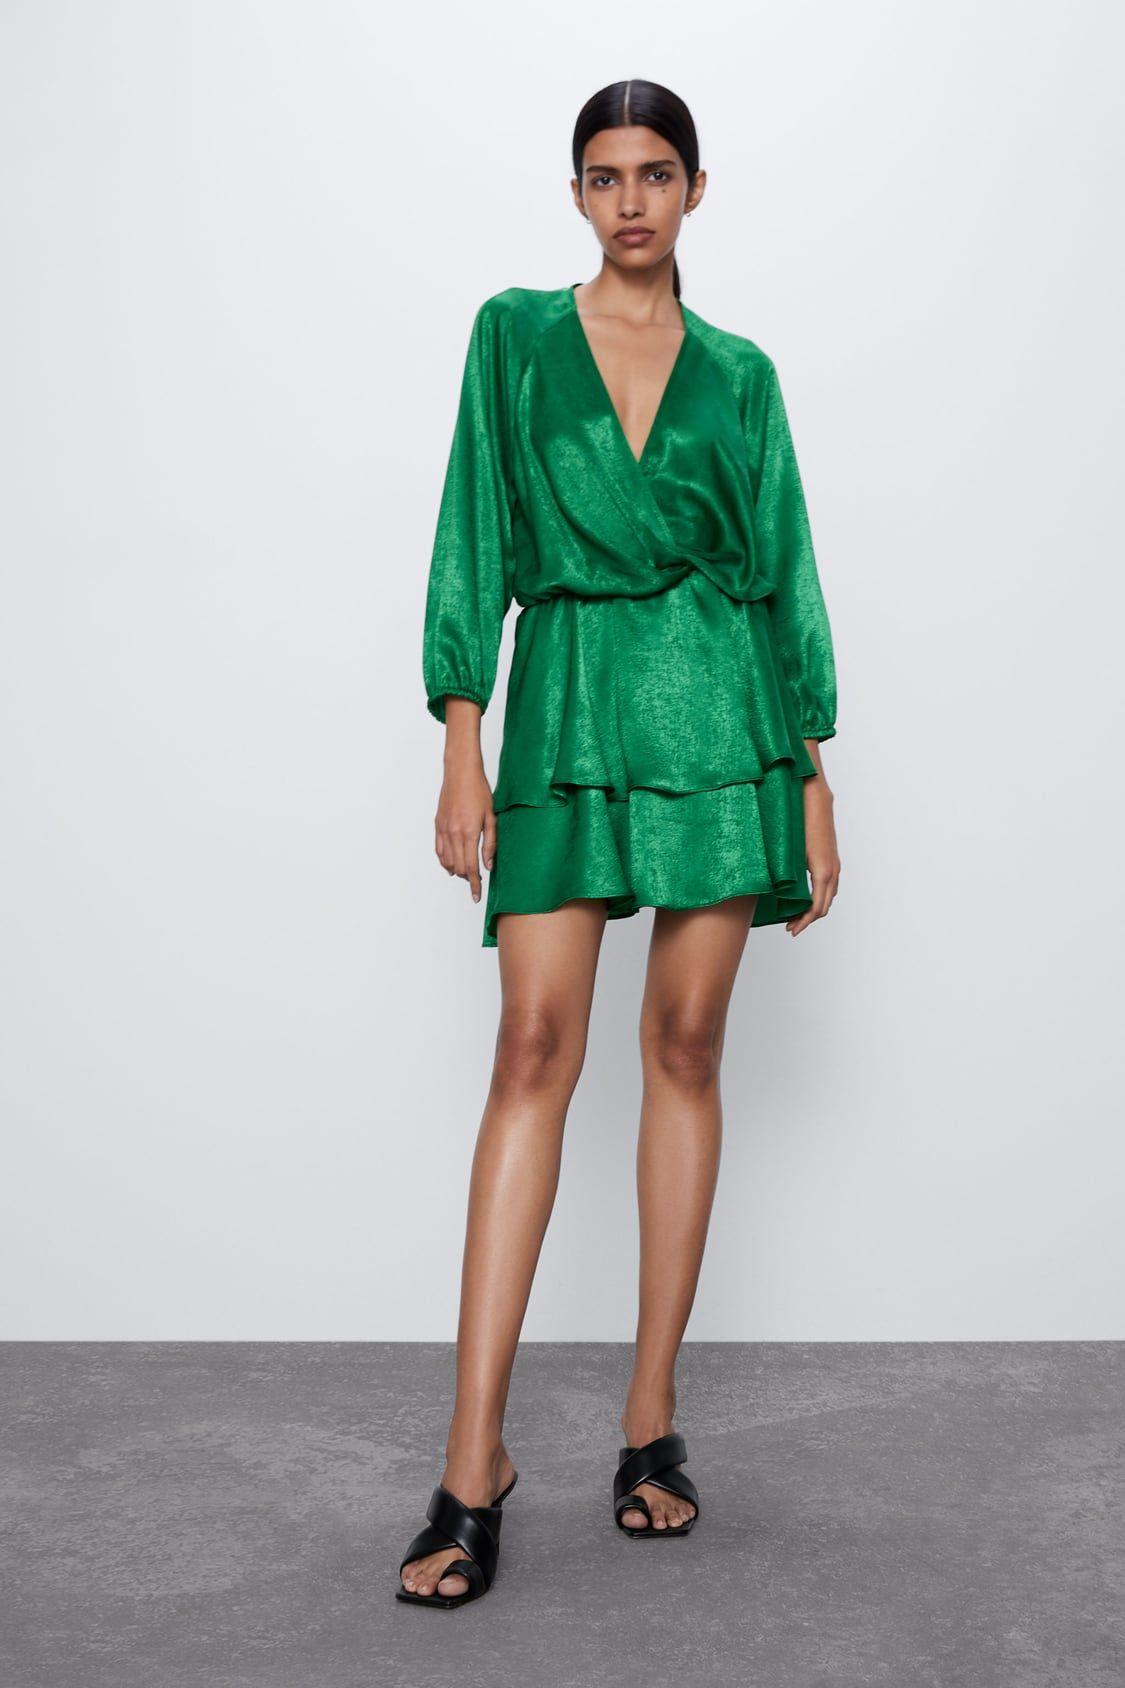 VESTIDO MINI SATINADO in 10  Minikleid, Kleider, Kleider für frauen